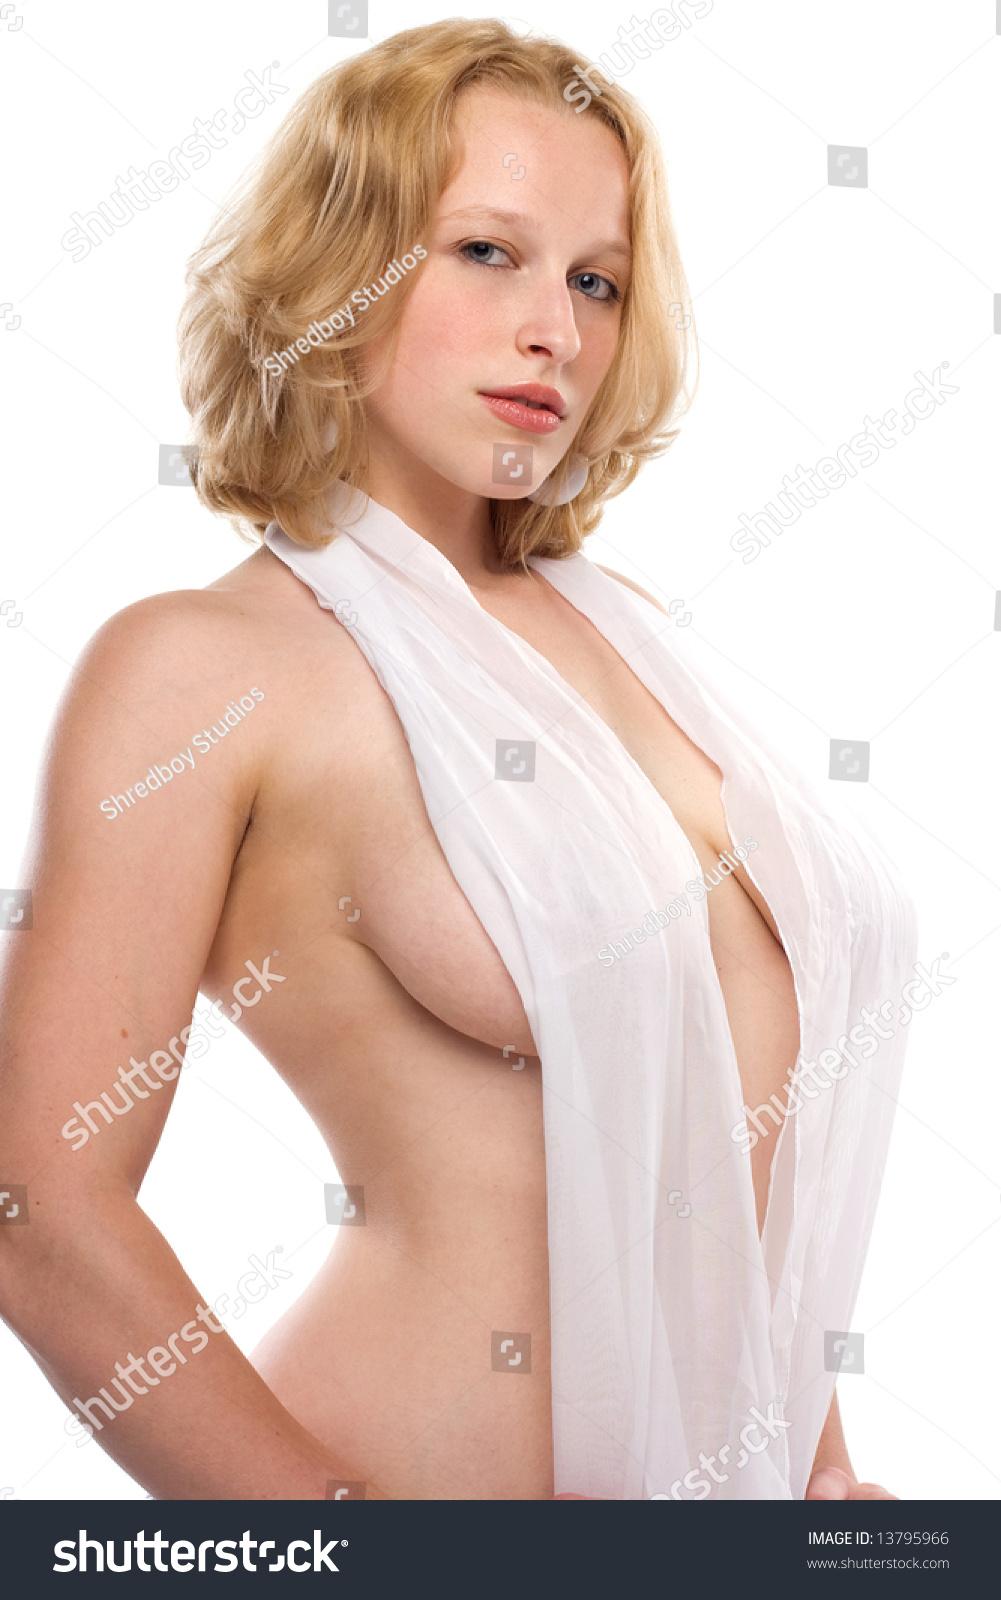 Voluptuos blonde